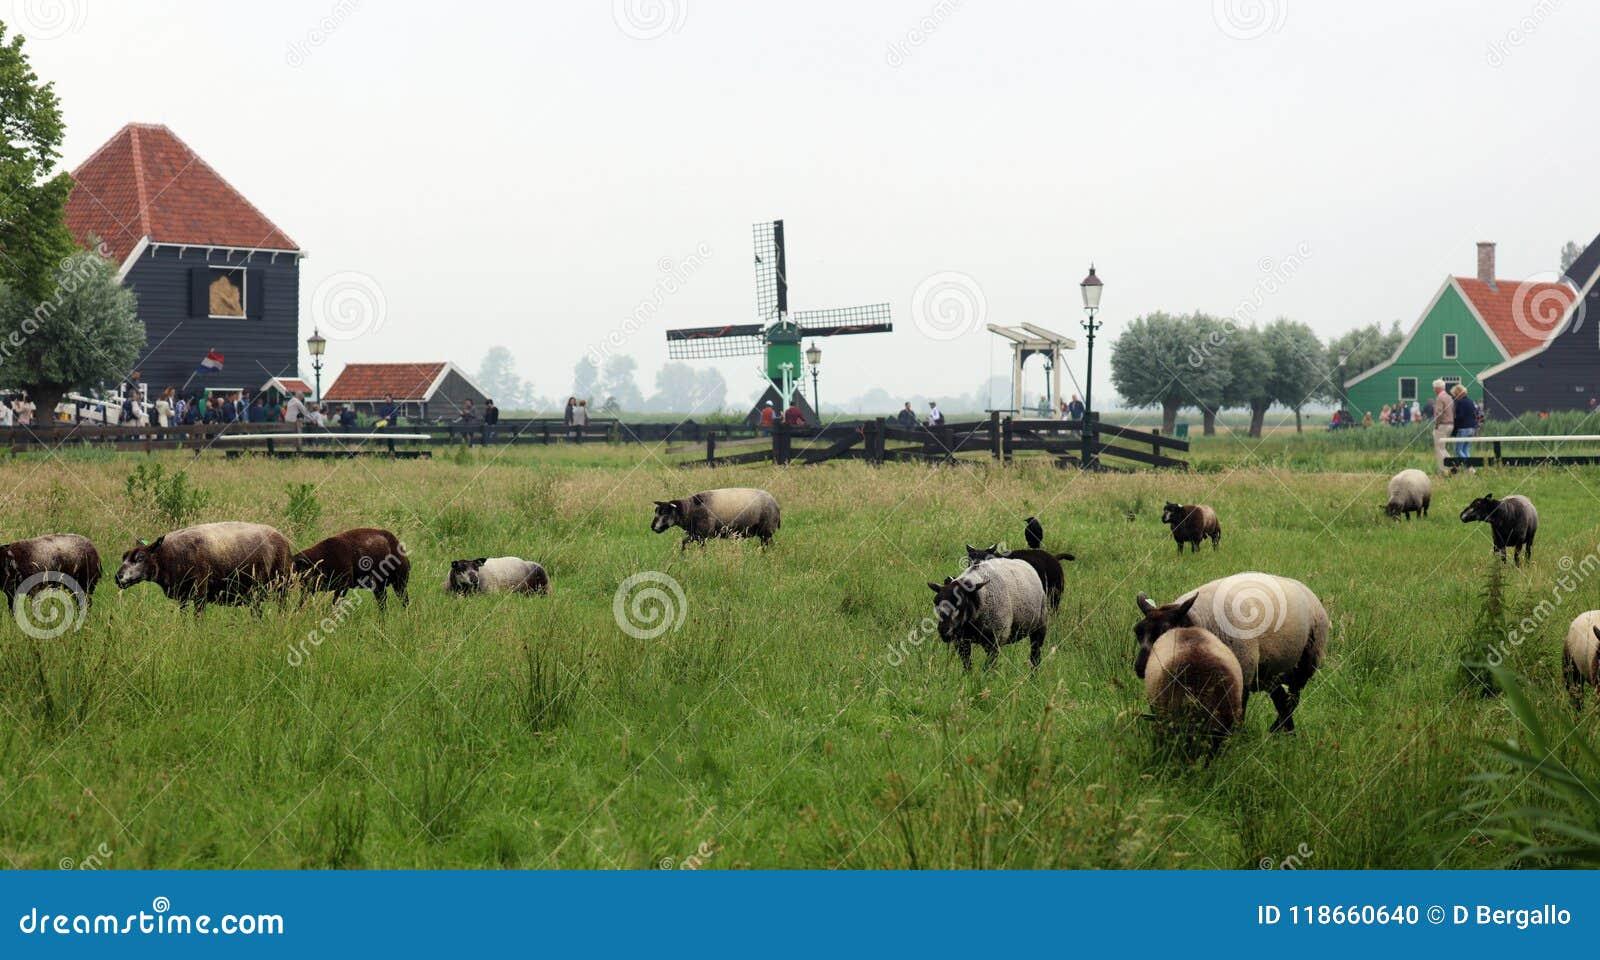 Traditionele zaanse schans windmolens en schapen in landbouwbedrijven in Nederland Unieke mooie en wilde Europese stad